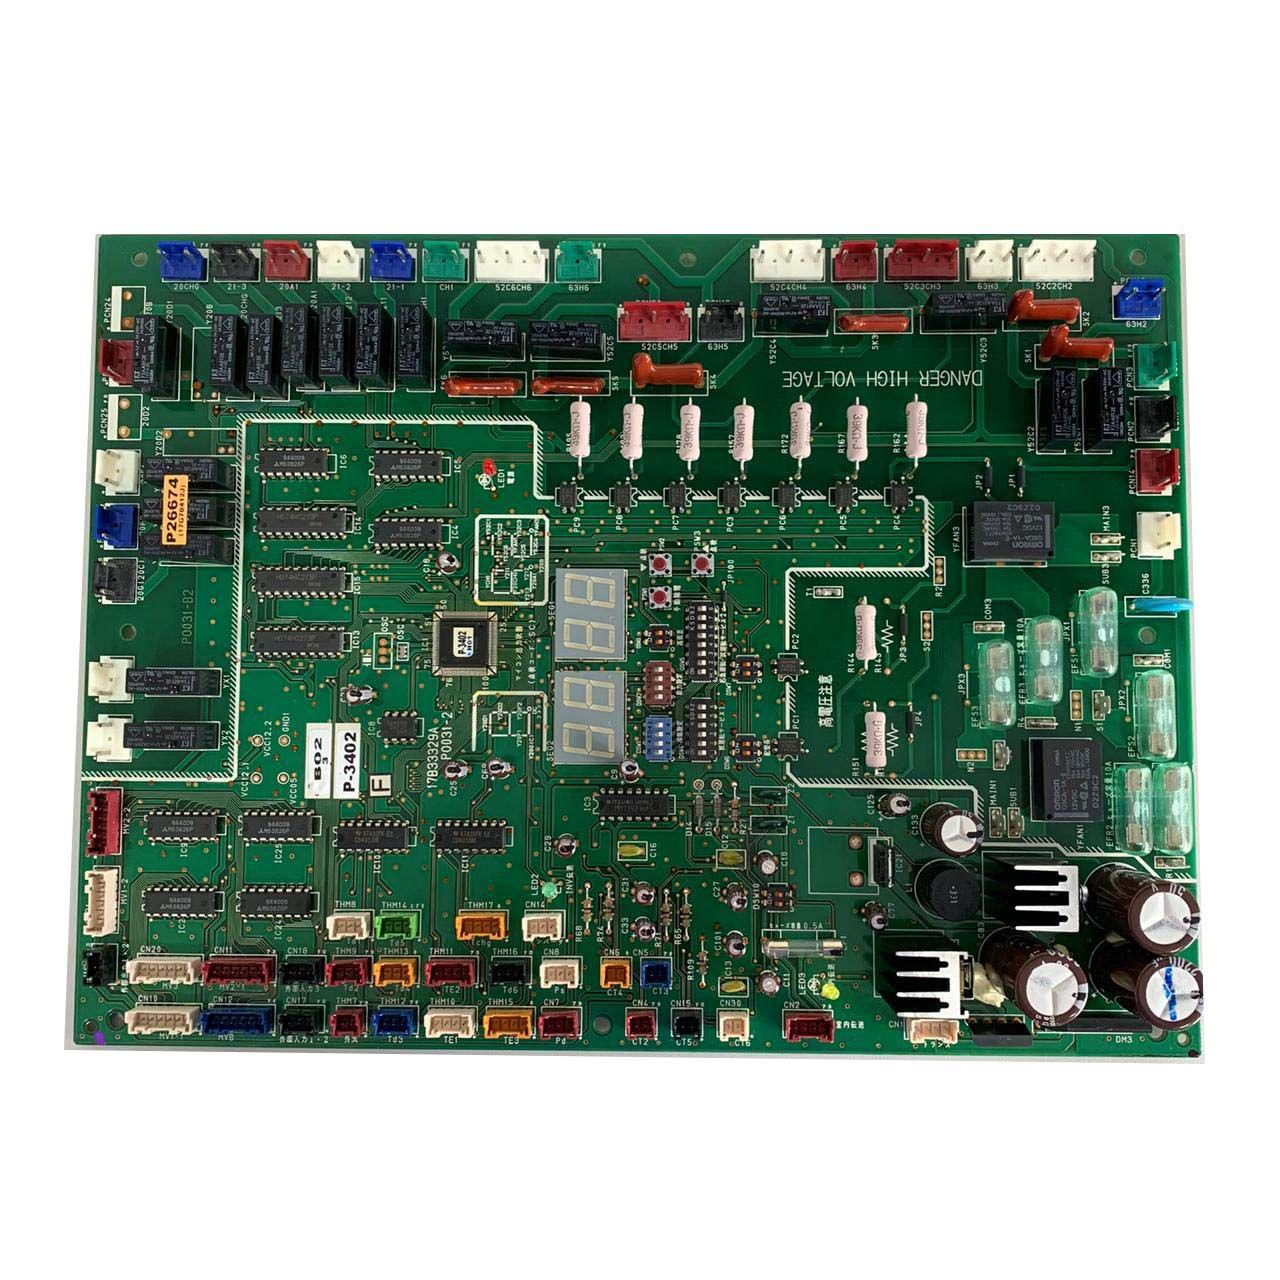 Placa Eletrônica de Circuíto PCB1 Hitachi 17B33574B